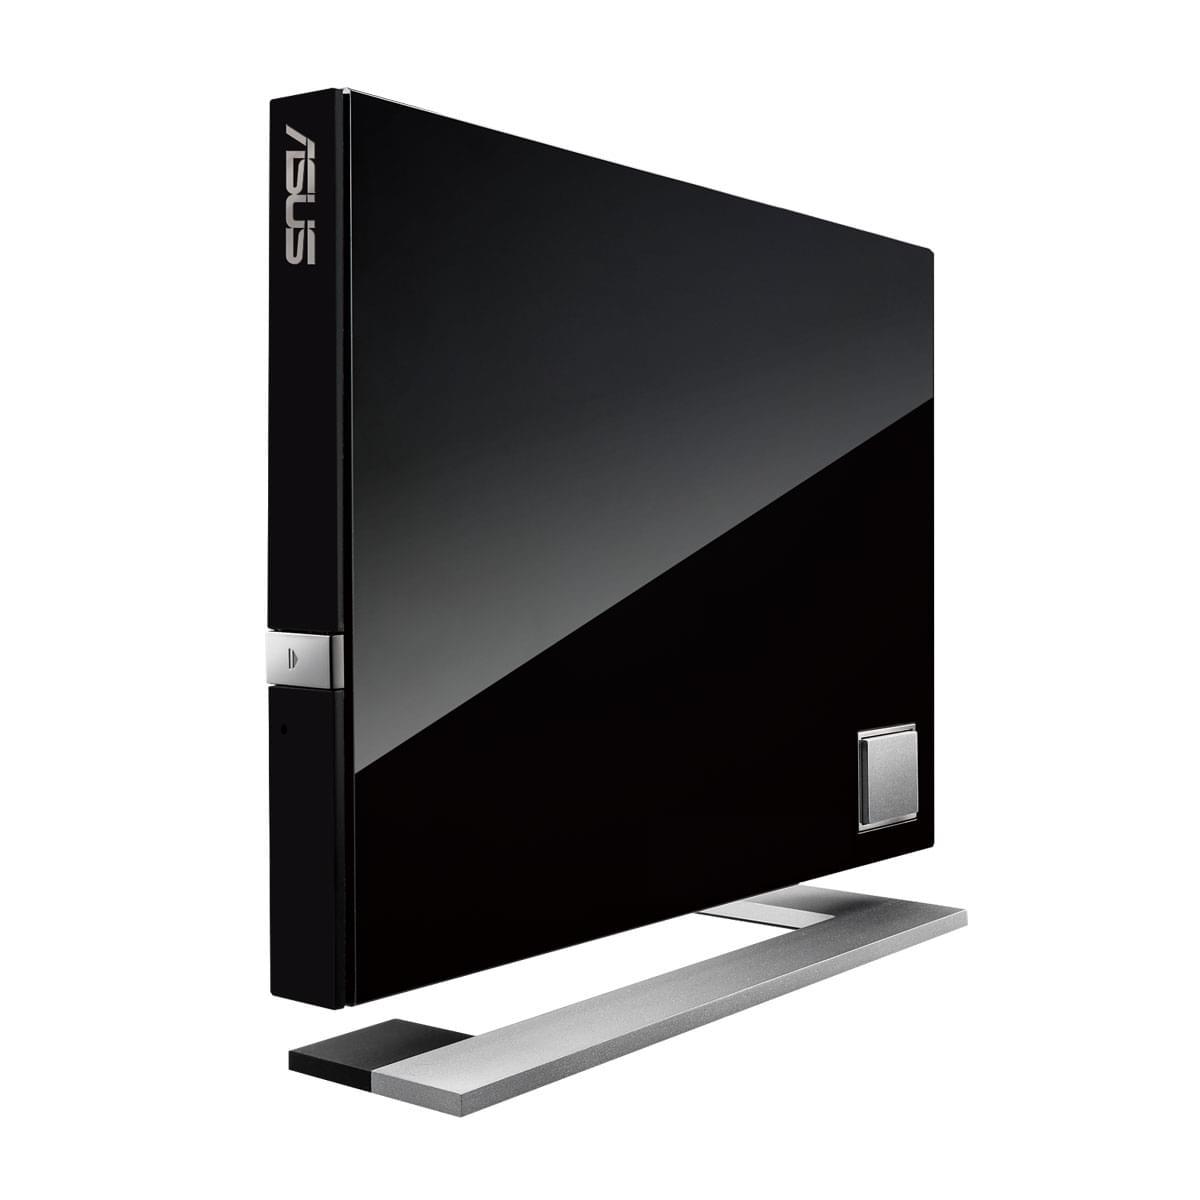 Asus Externe Slim Blu-Ray USB2 -  - Graveur - Cybertek.fr - 0